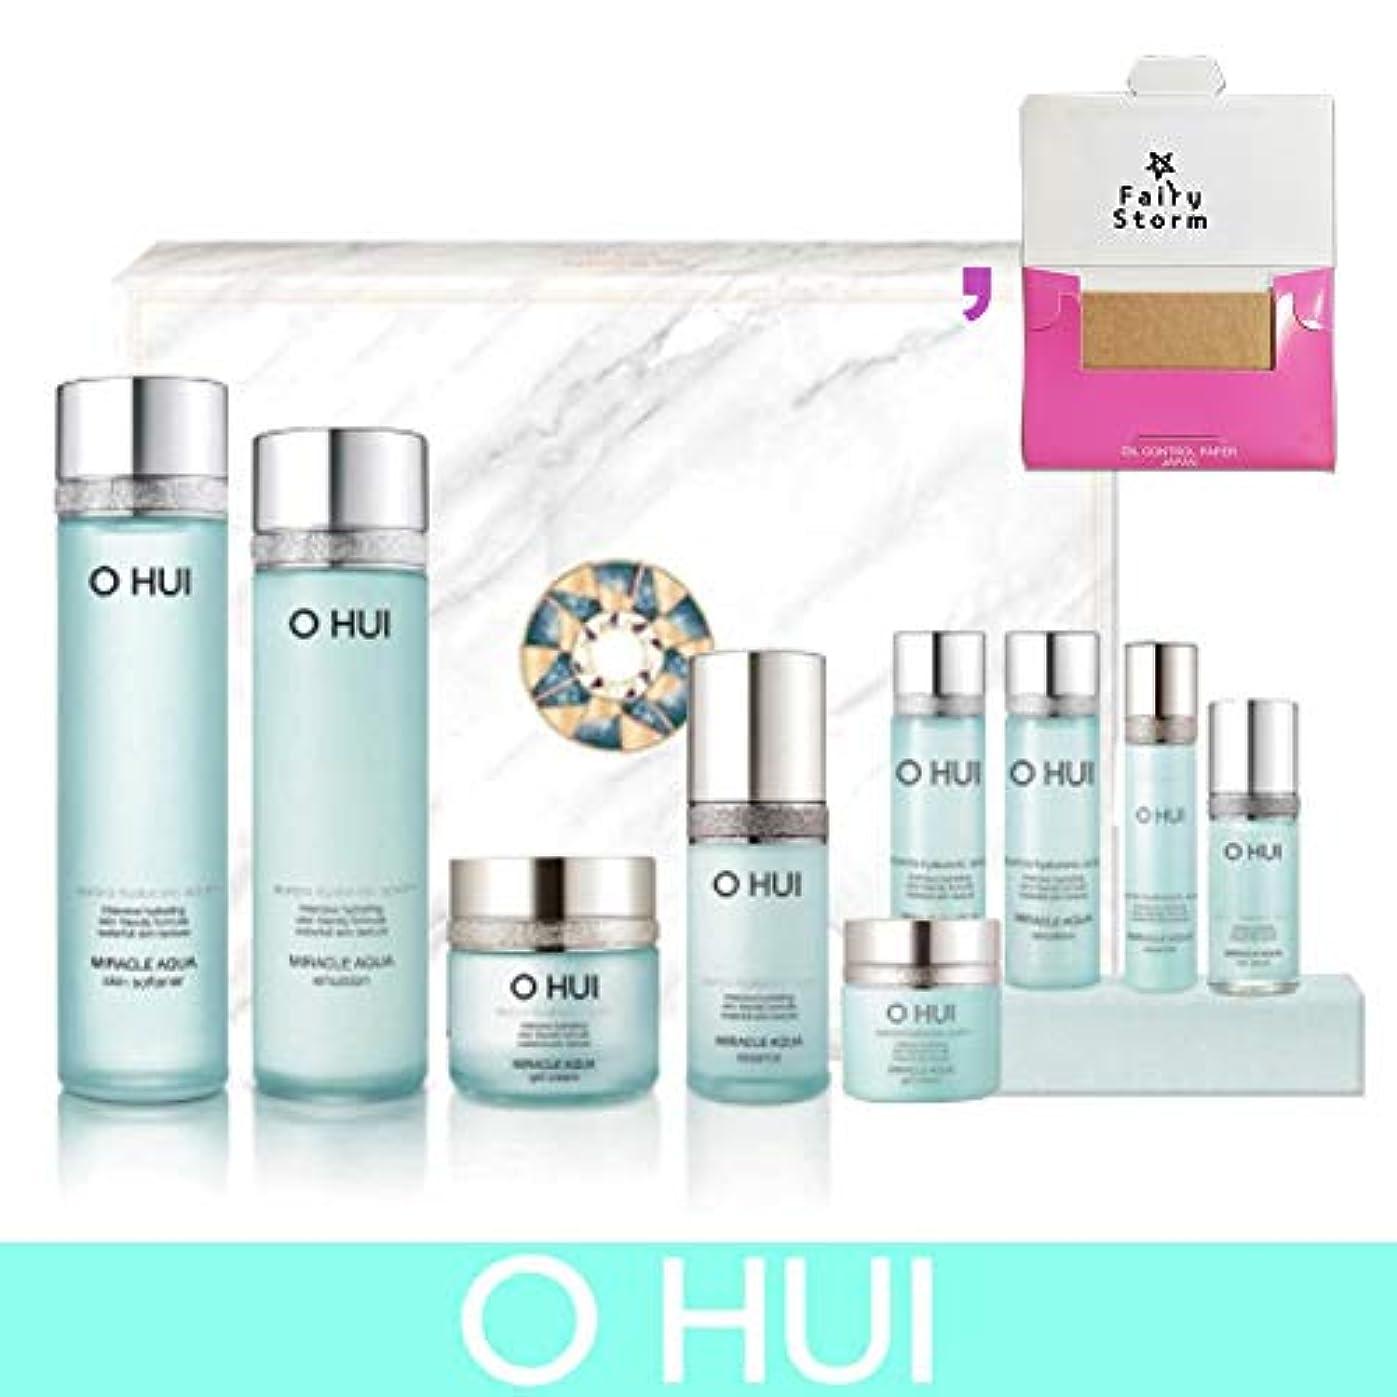 鹿記憶強制的[オフィ/O HUI]韓国化粧品 LG生活健康/O HUI MIRACLE AQUA SPECIAL 4EA SET/ミラクル アクア 4種セット + [Sample Gift](海外直送品)